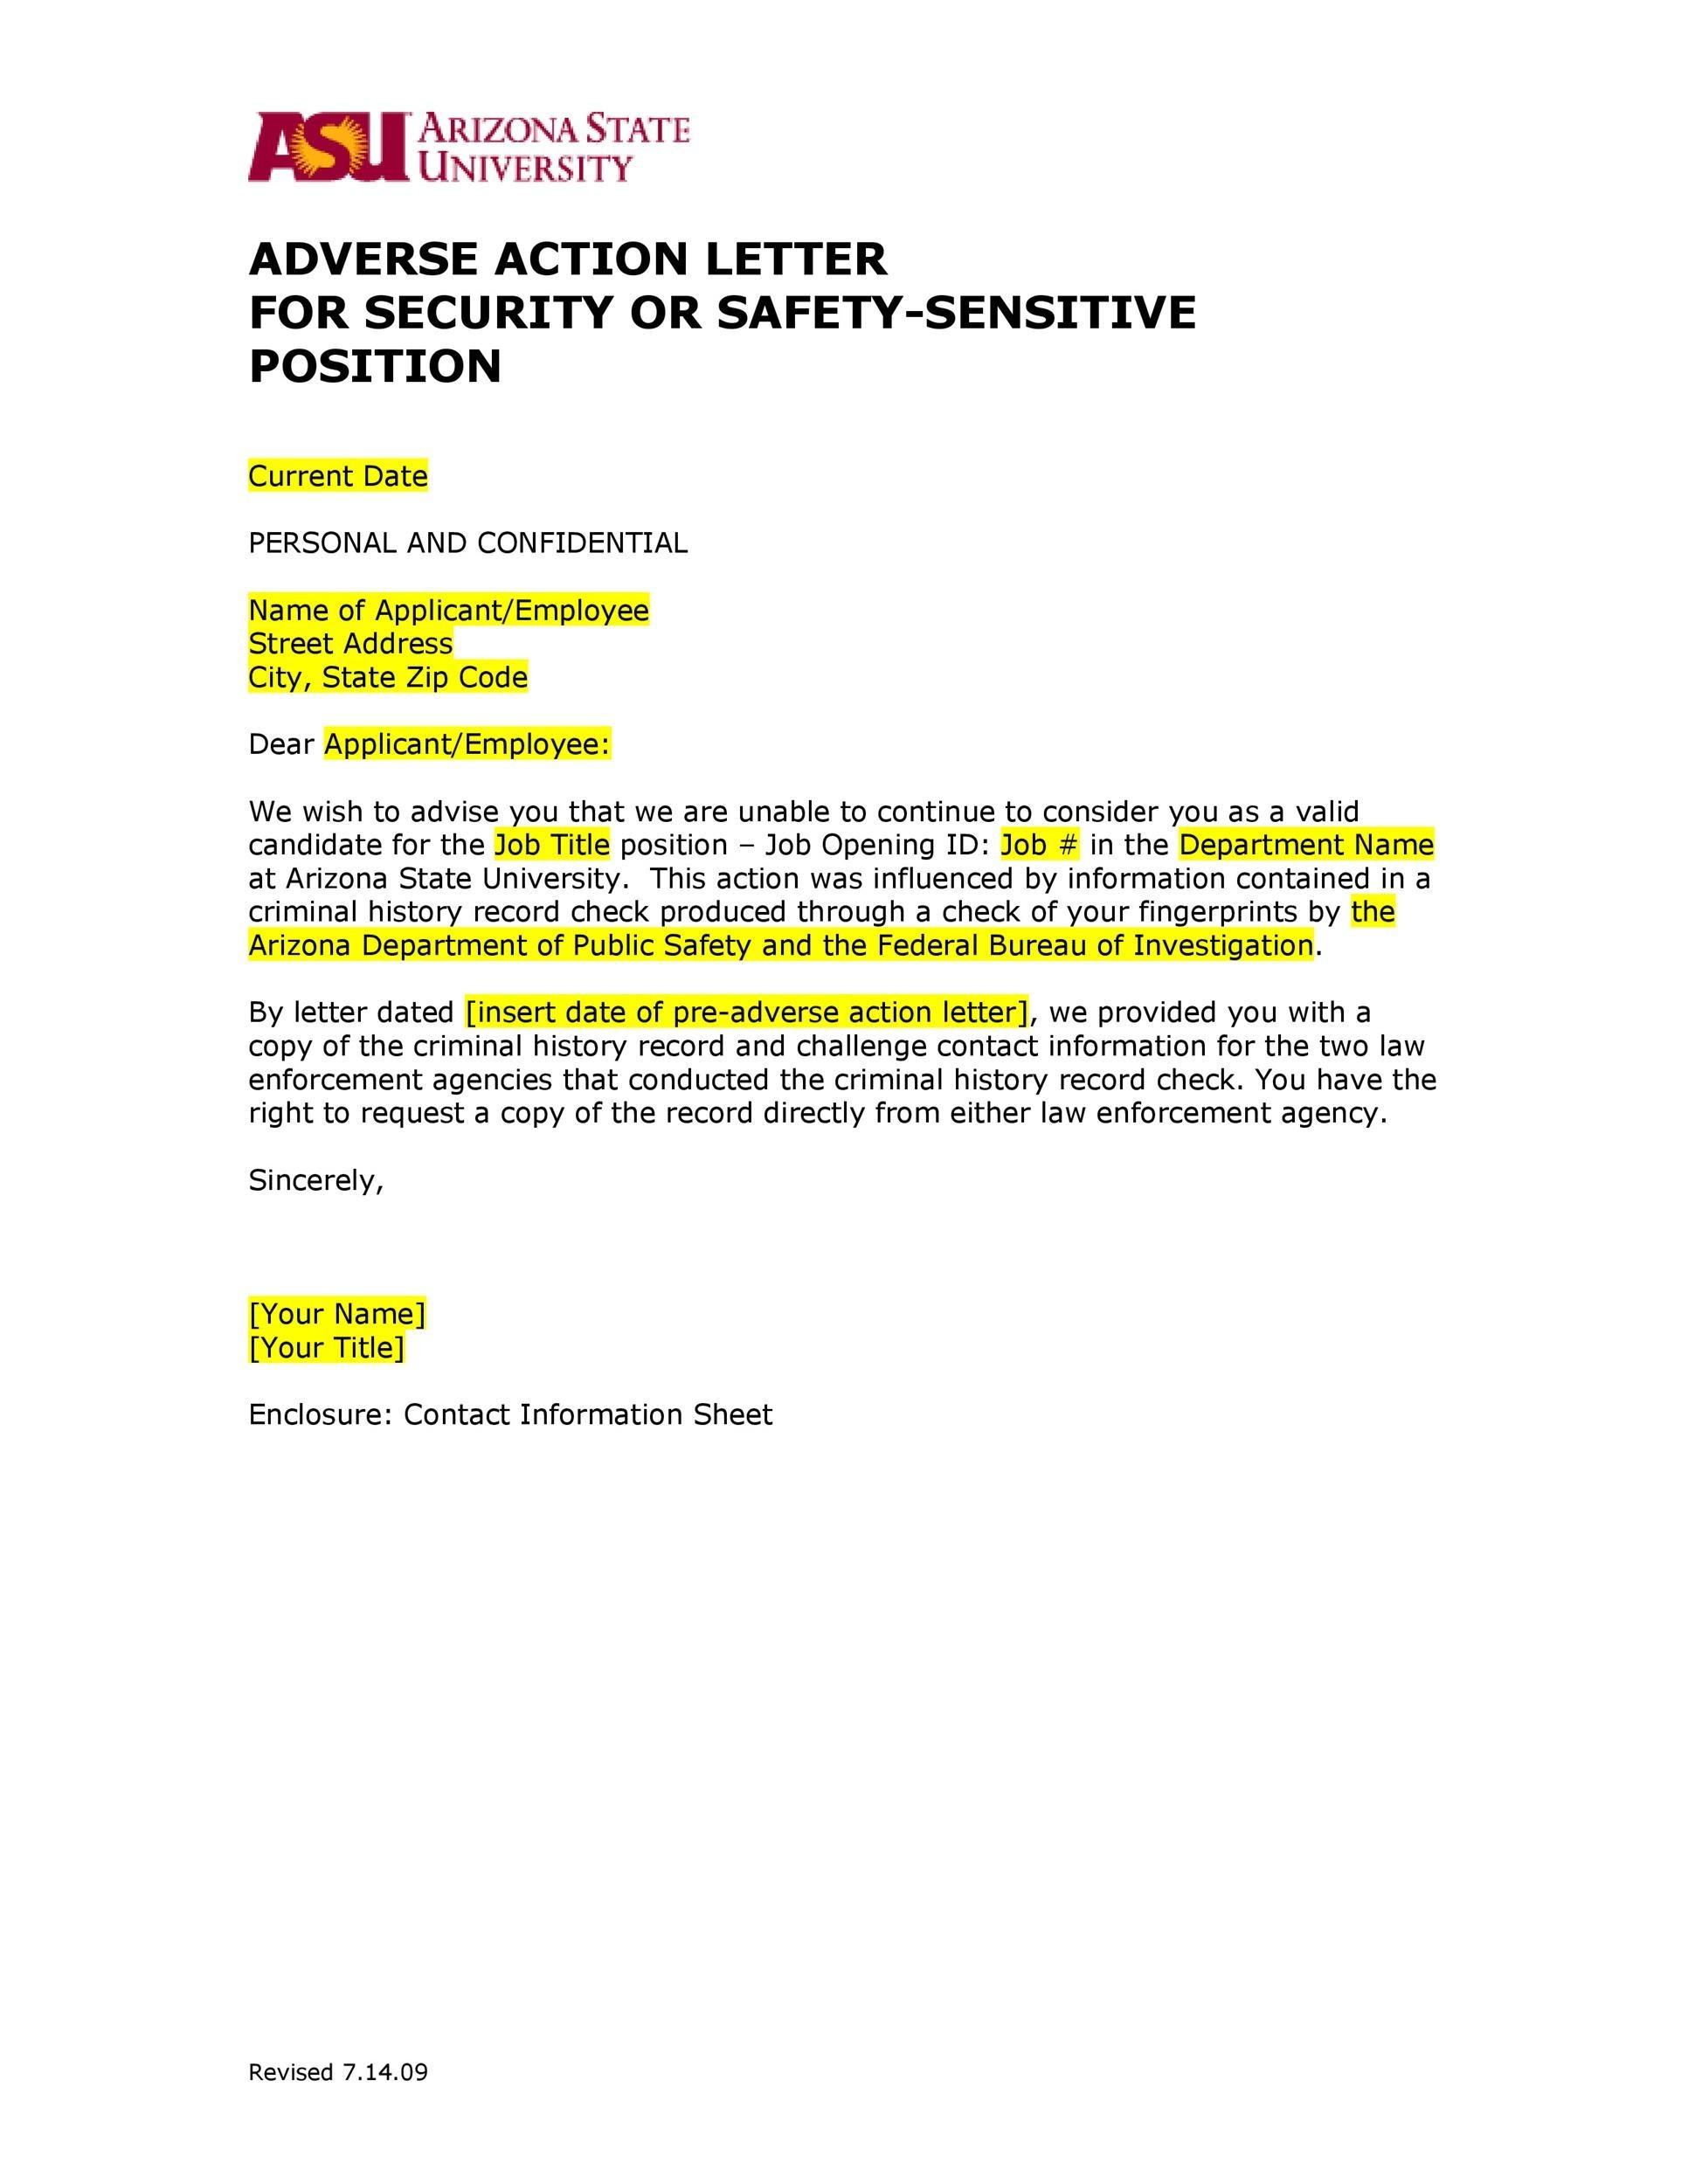 Free adverse action notice 35